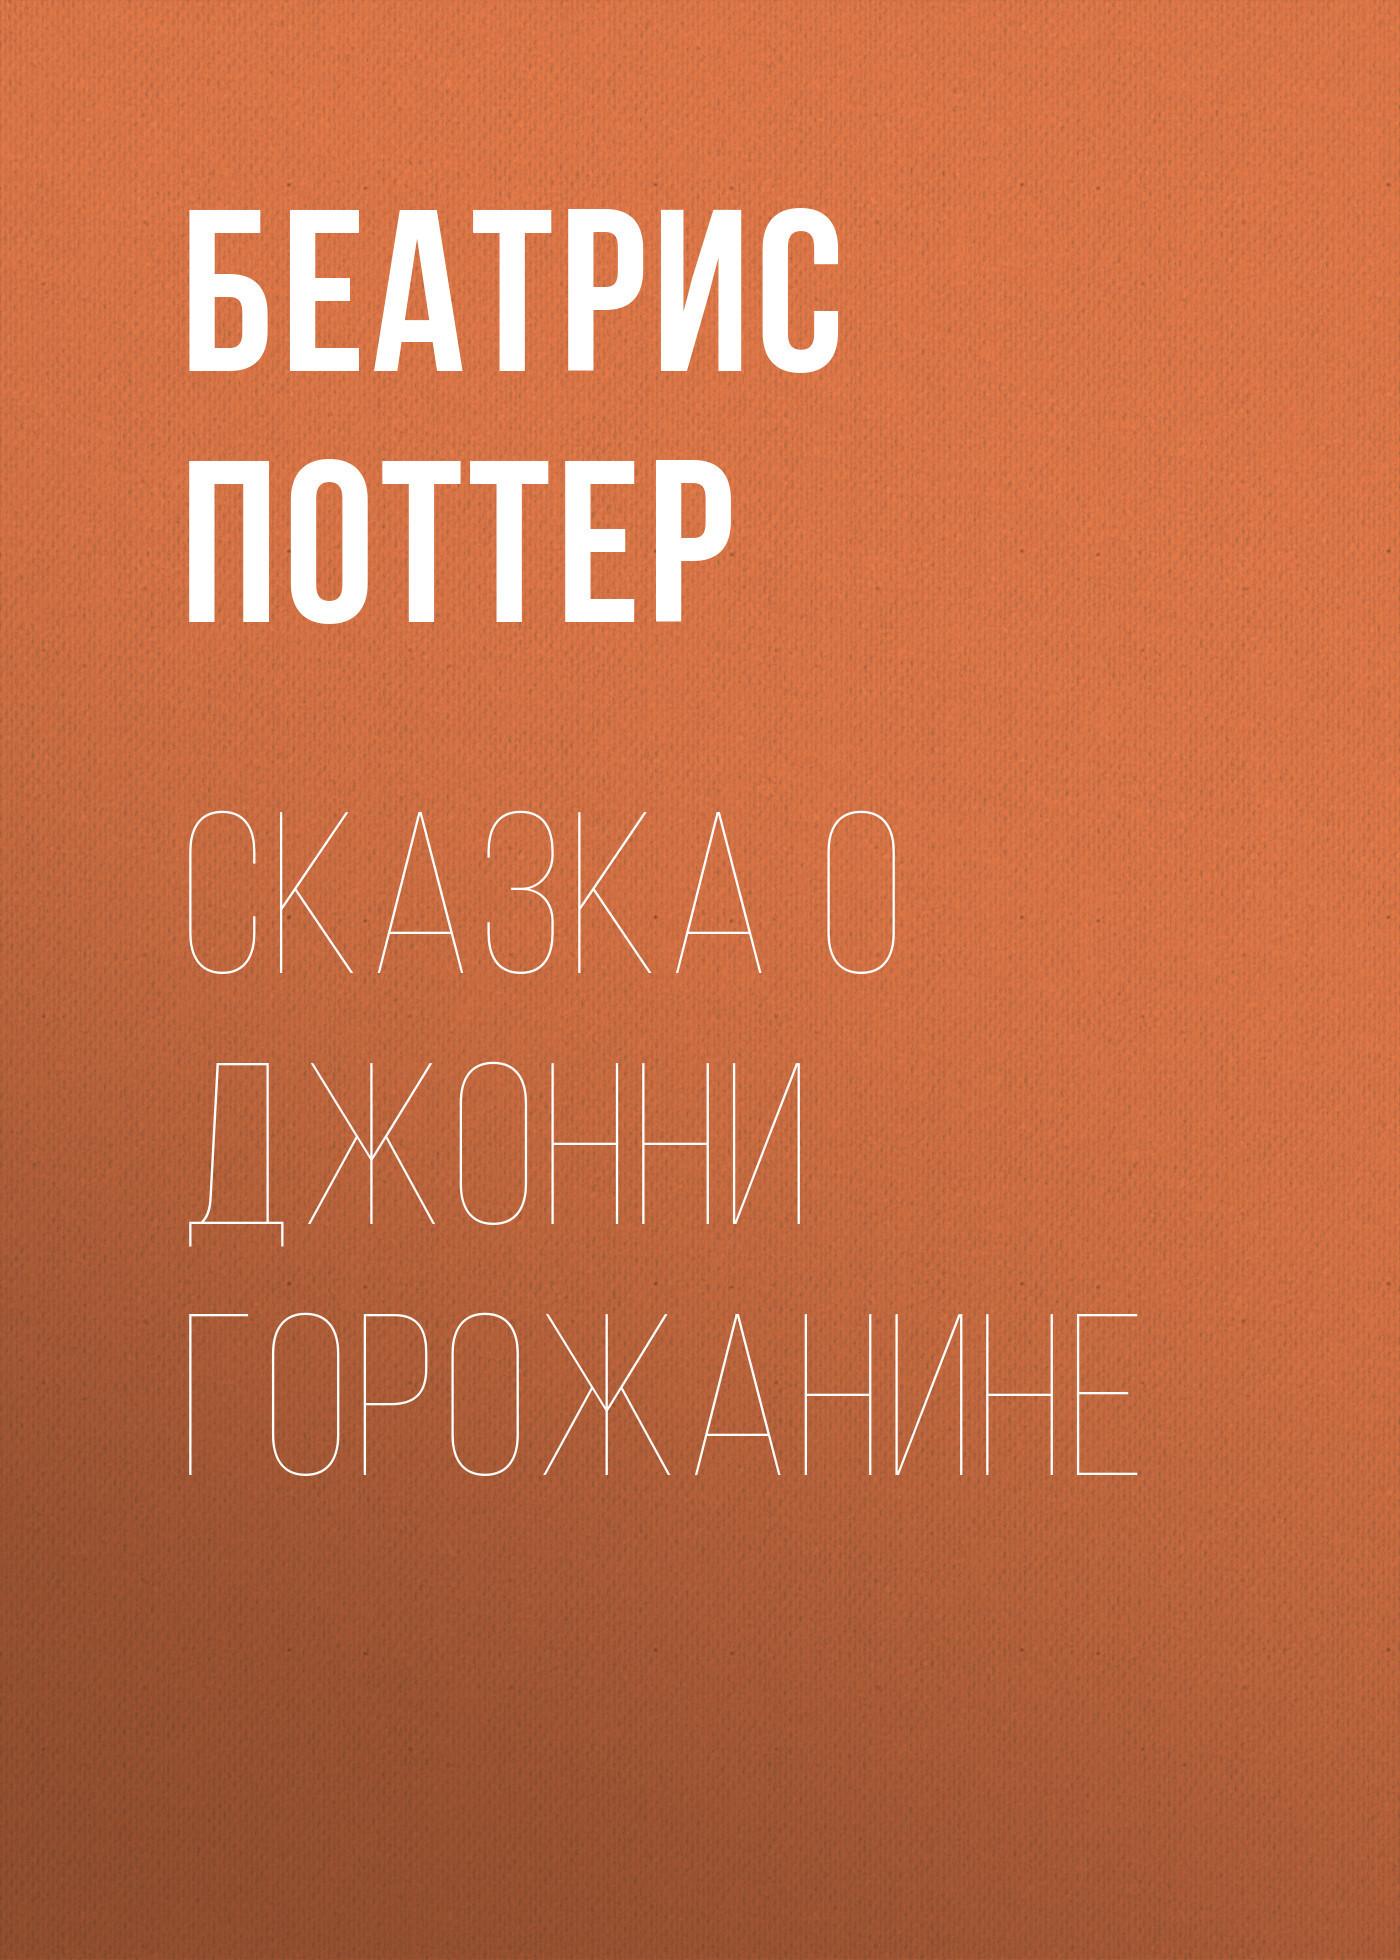 Беатрис Поттер - Сказка о Джонни Горожанине